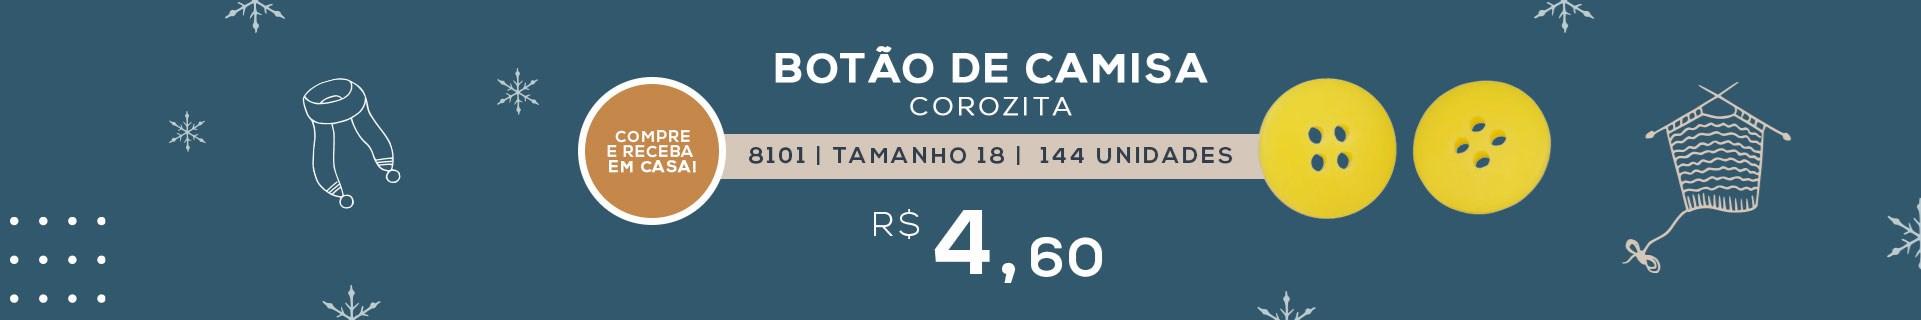 BOTÃO DE CAMISA COM 4 FUROS COROZITA 8101 TAMANHO 18 COM 144 UNIDADES